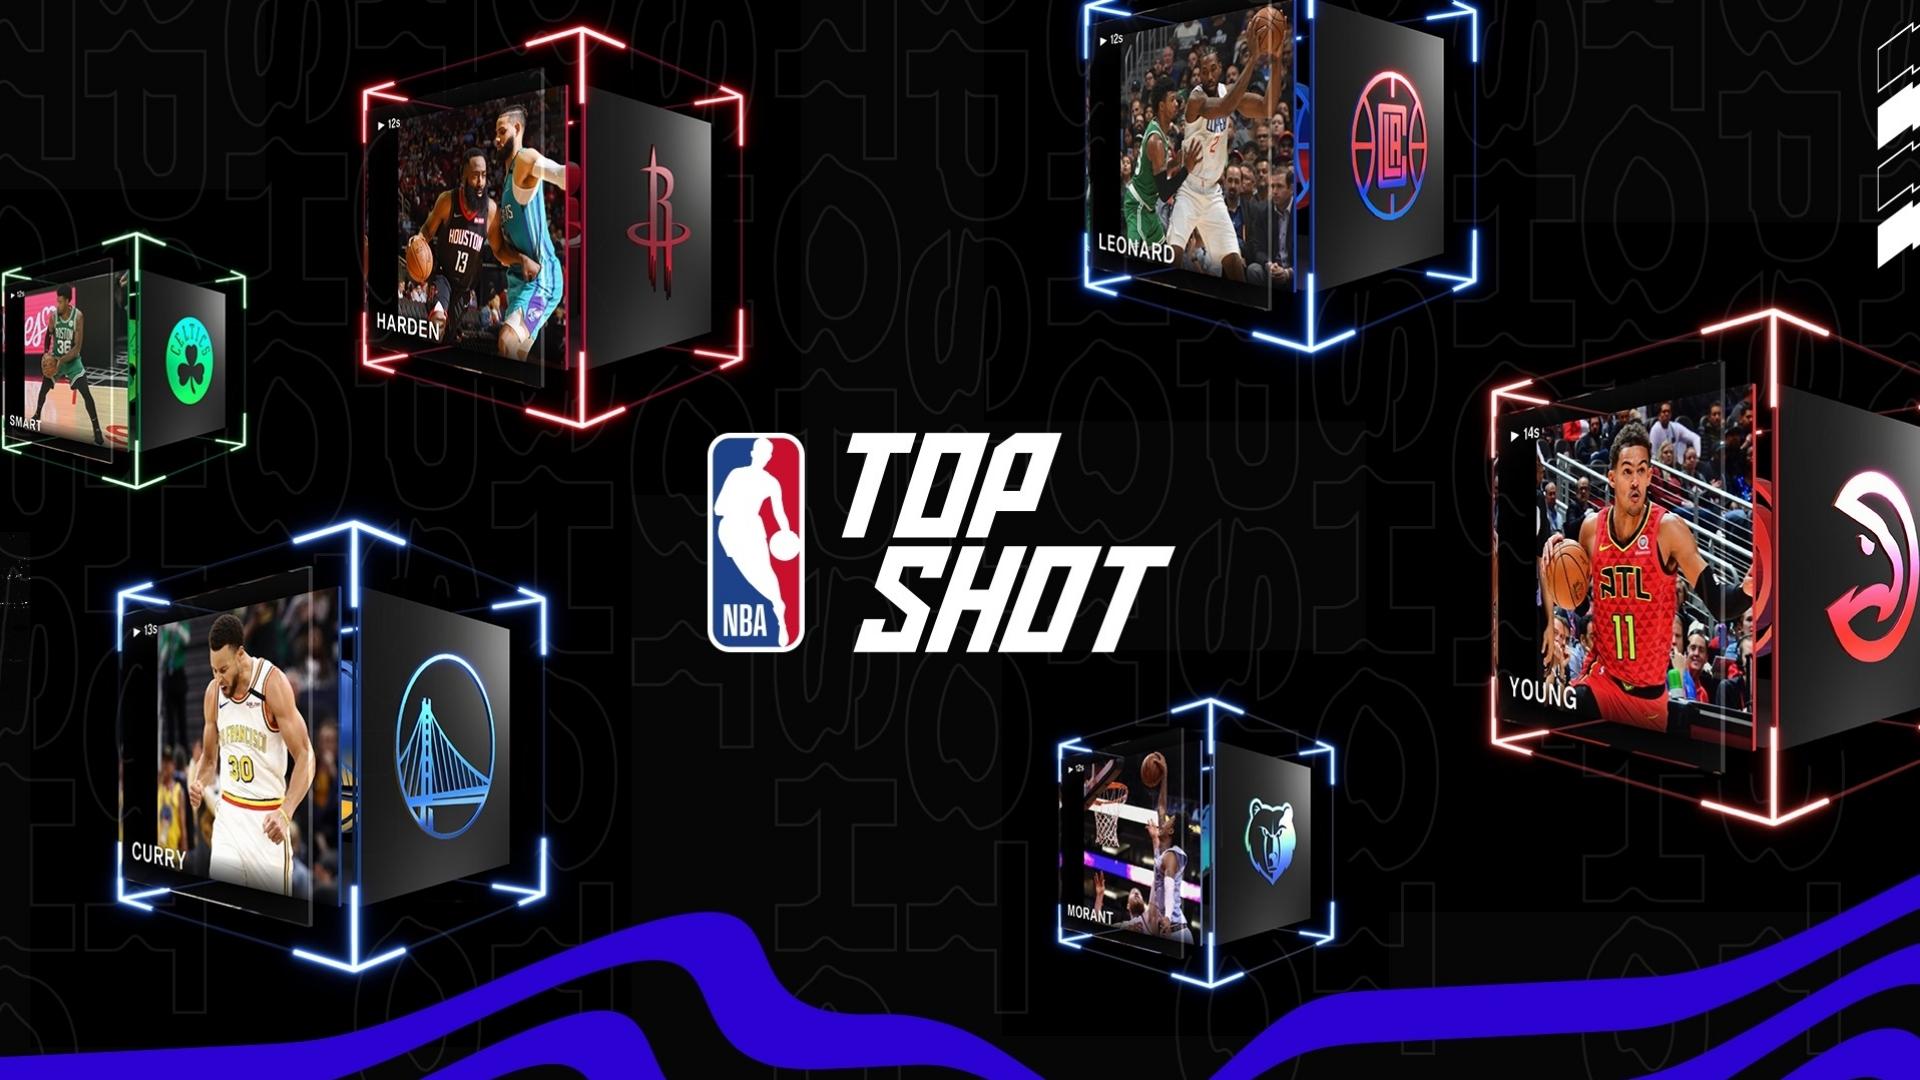 Qué es y cómo funciona NBA Top Shot? | NBA.com Argentina | El sitio oficial  de la NBA